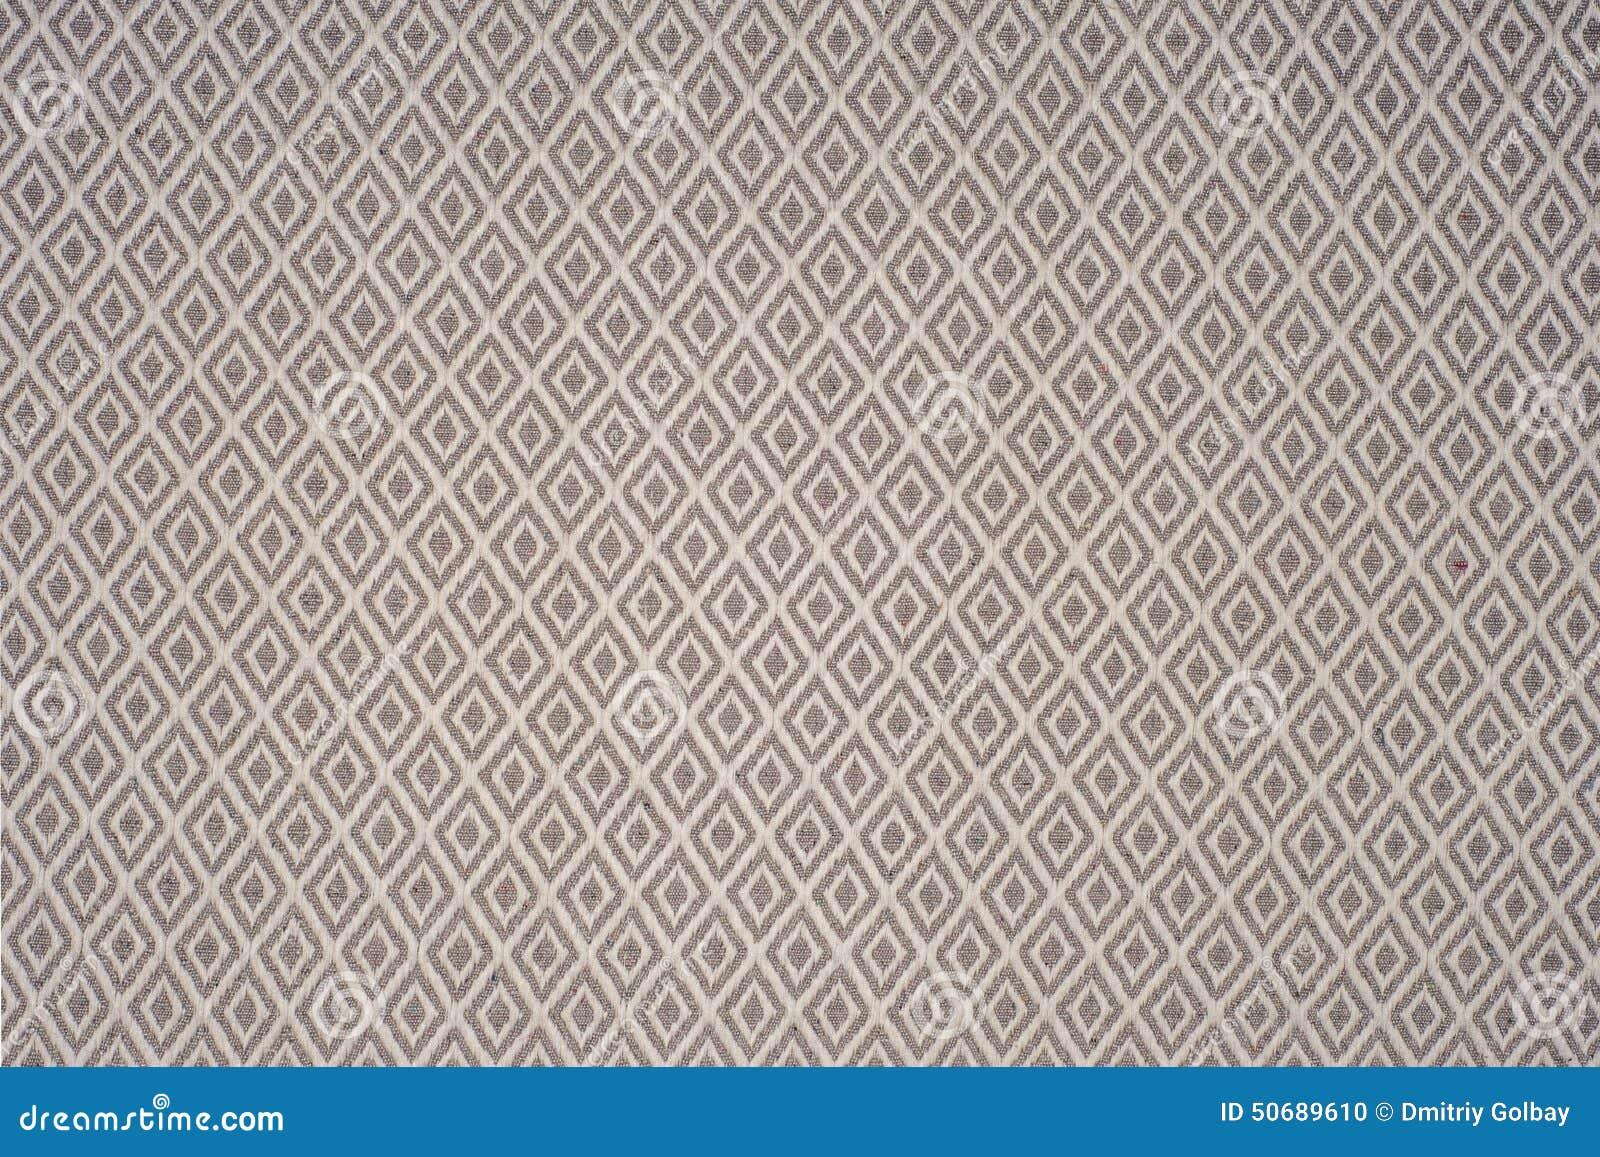 Download 万维网的抽象背景关闭设计织品纹理 库存照片. 图片 包括有 靠山, 设计, 粗麻布, 装饰, 艺术, 盖子 - 50689610